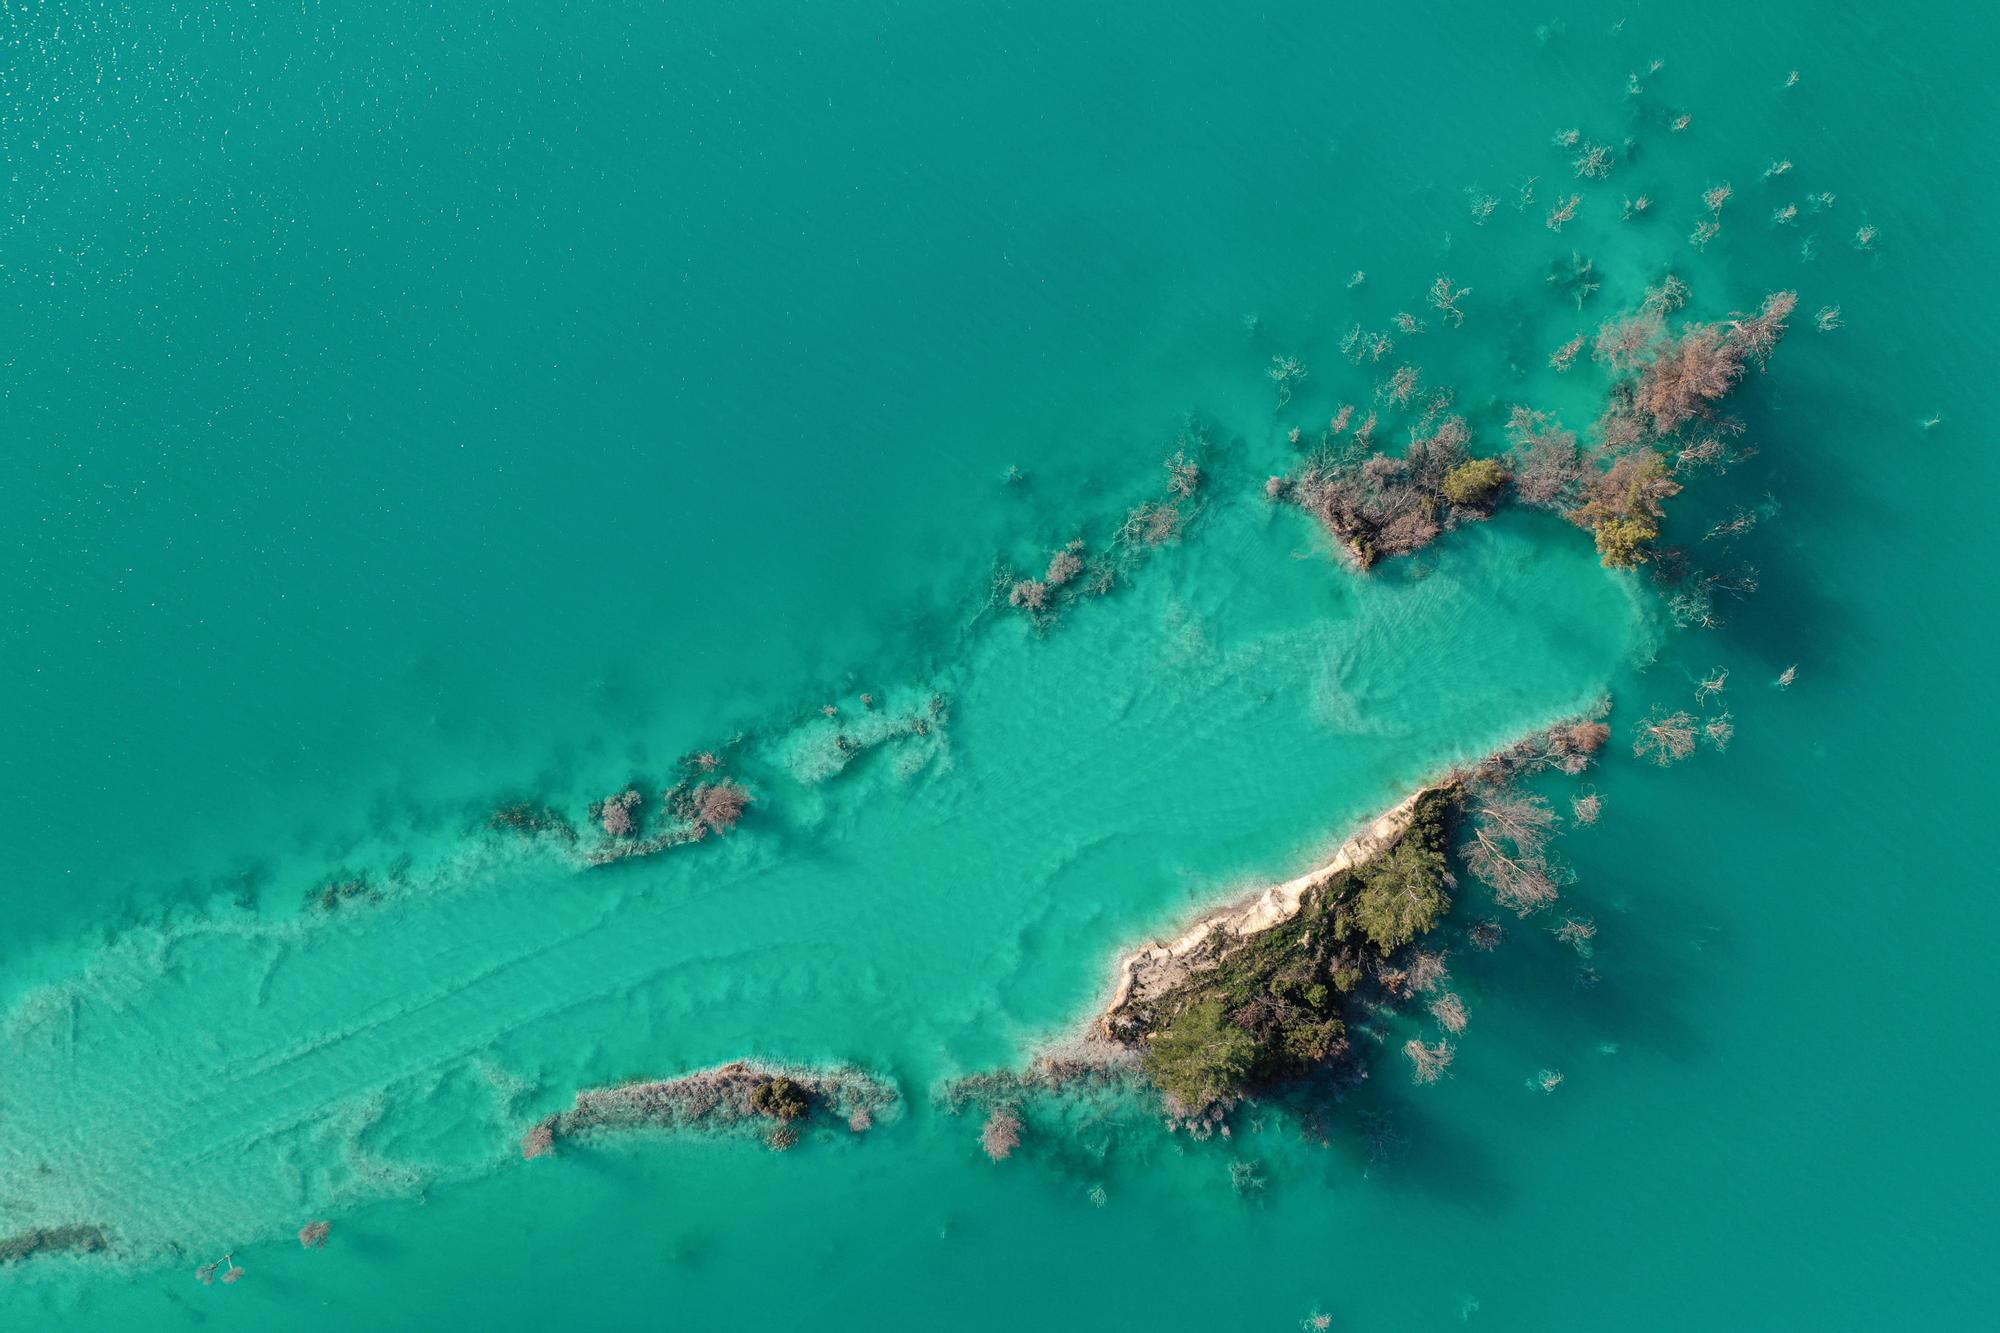 Vista aérea del que se conoce como 'El lago tóxico', en Turquía